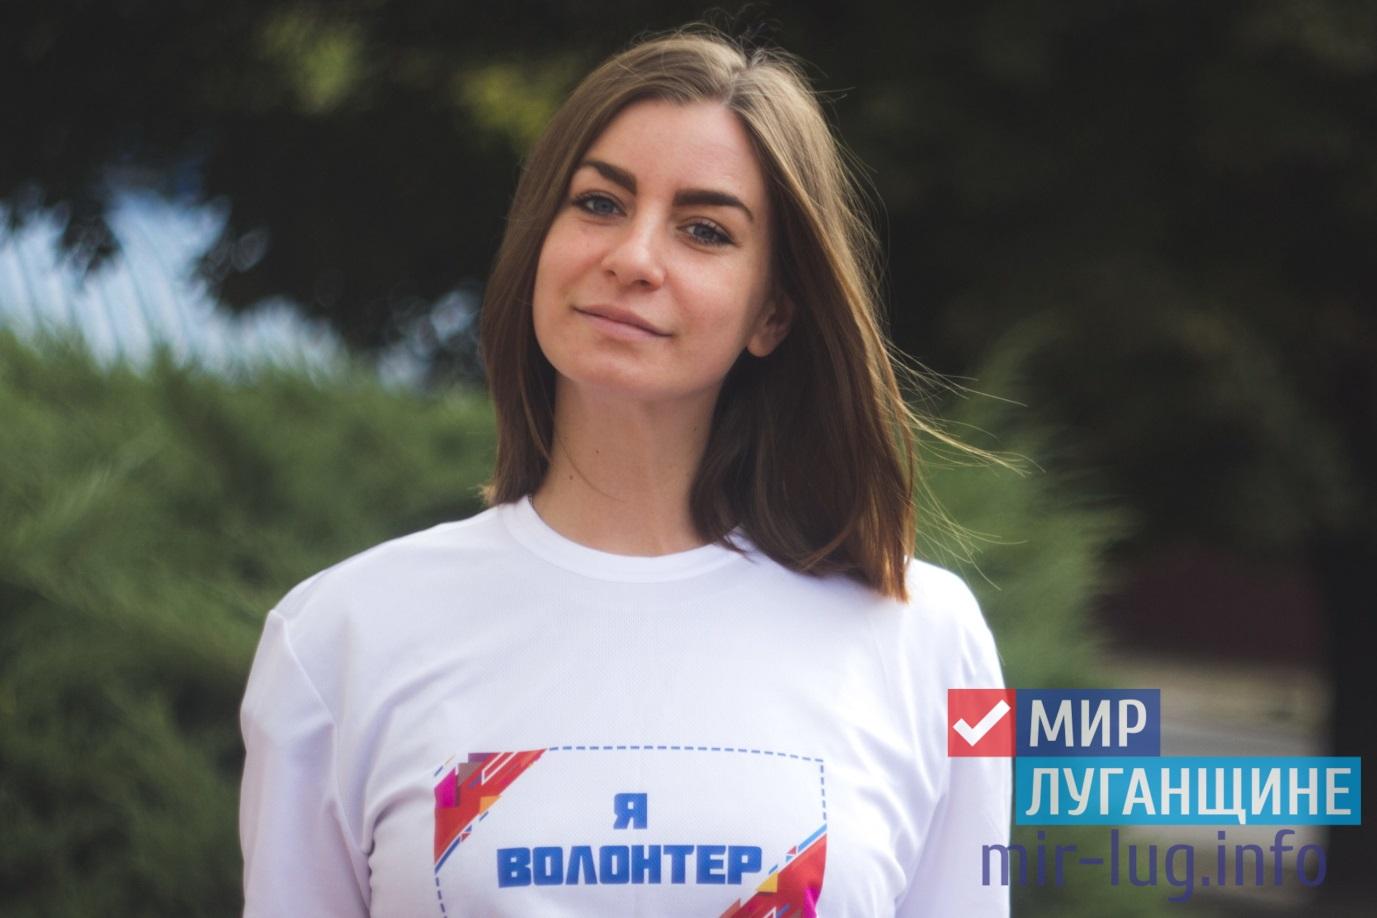 Координатор проекта «Волонтёр» Антонина Машкова победила в городском этапе конкурса «Достояние Республики» 1